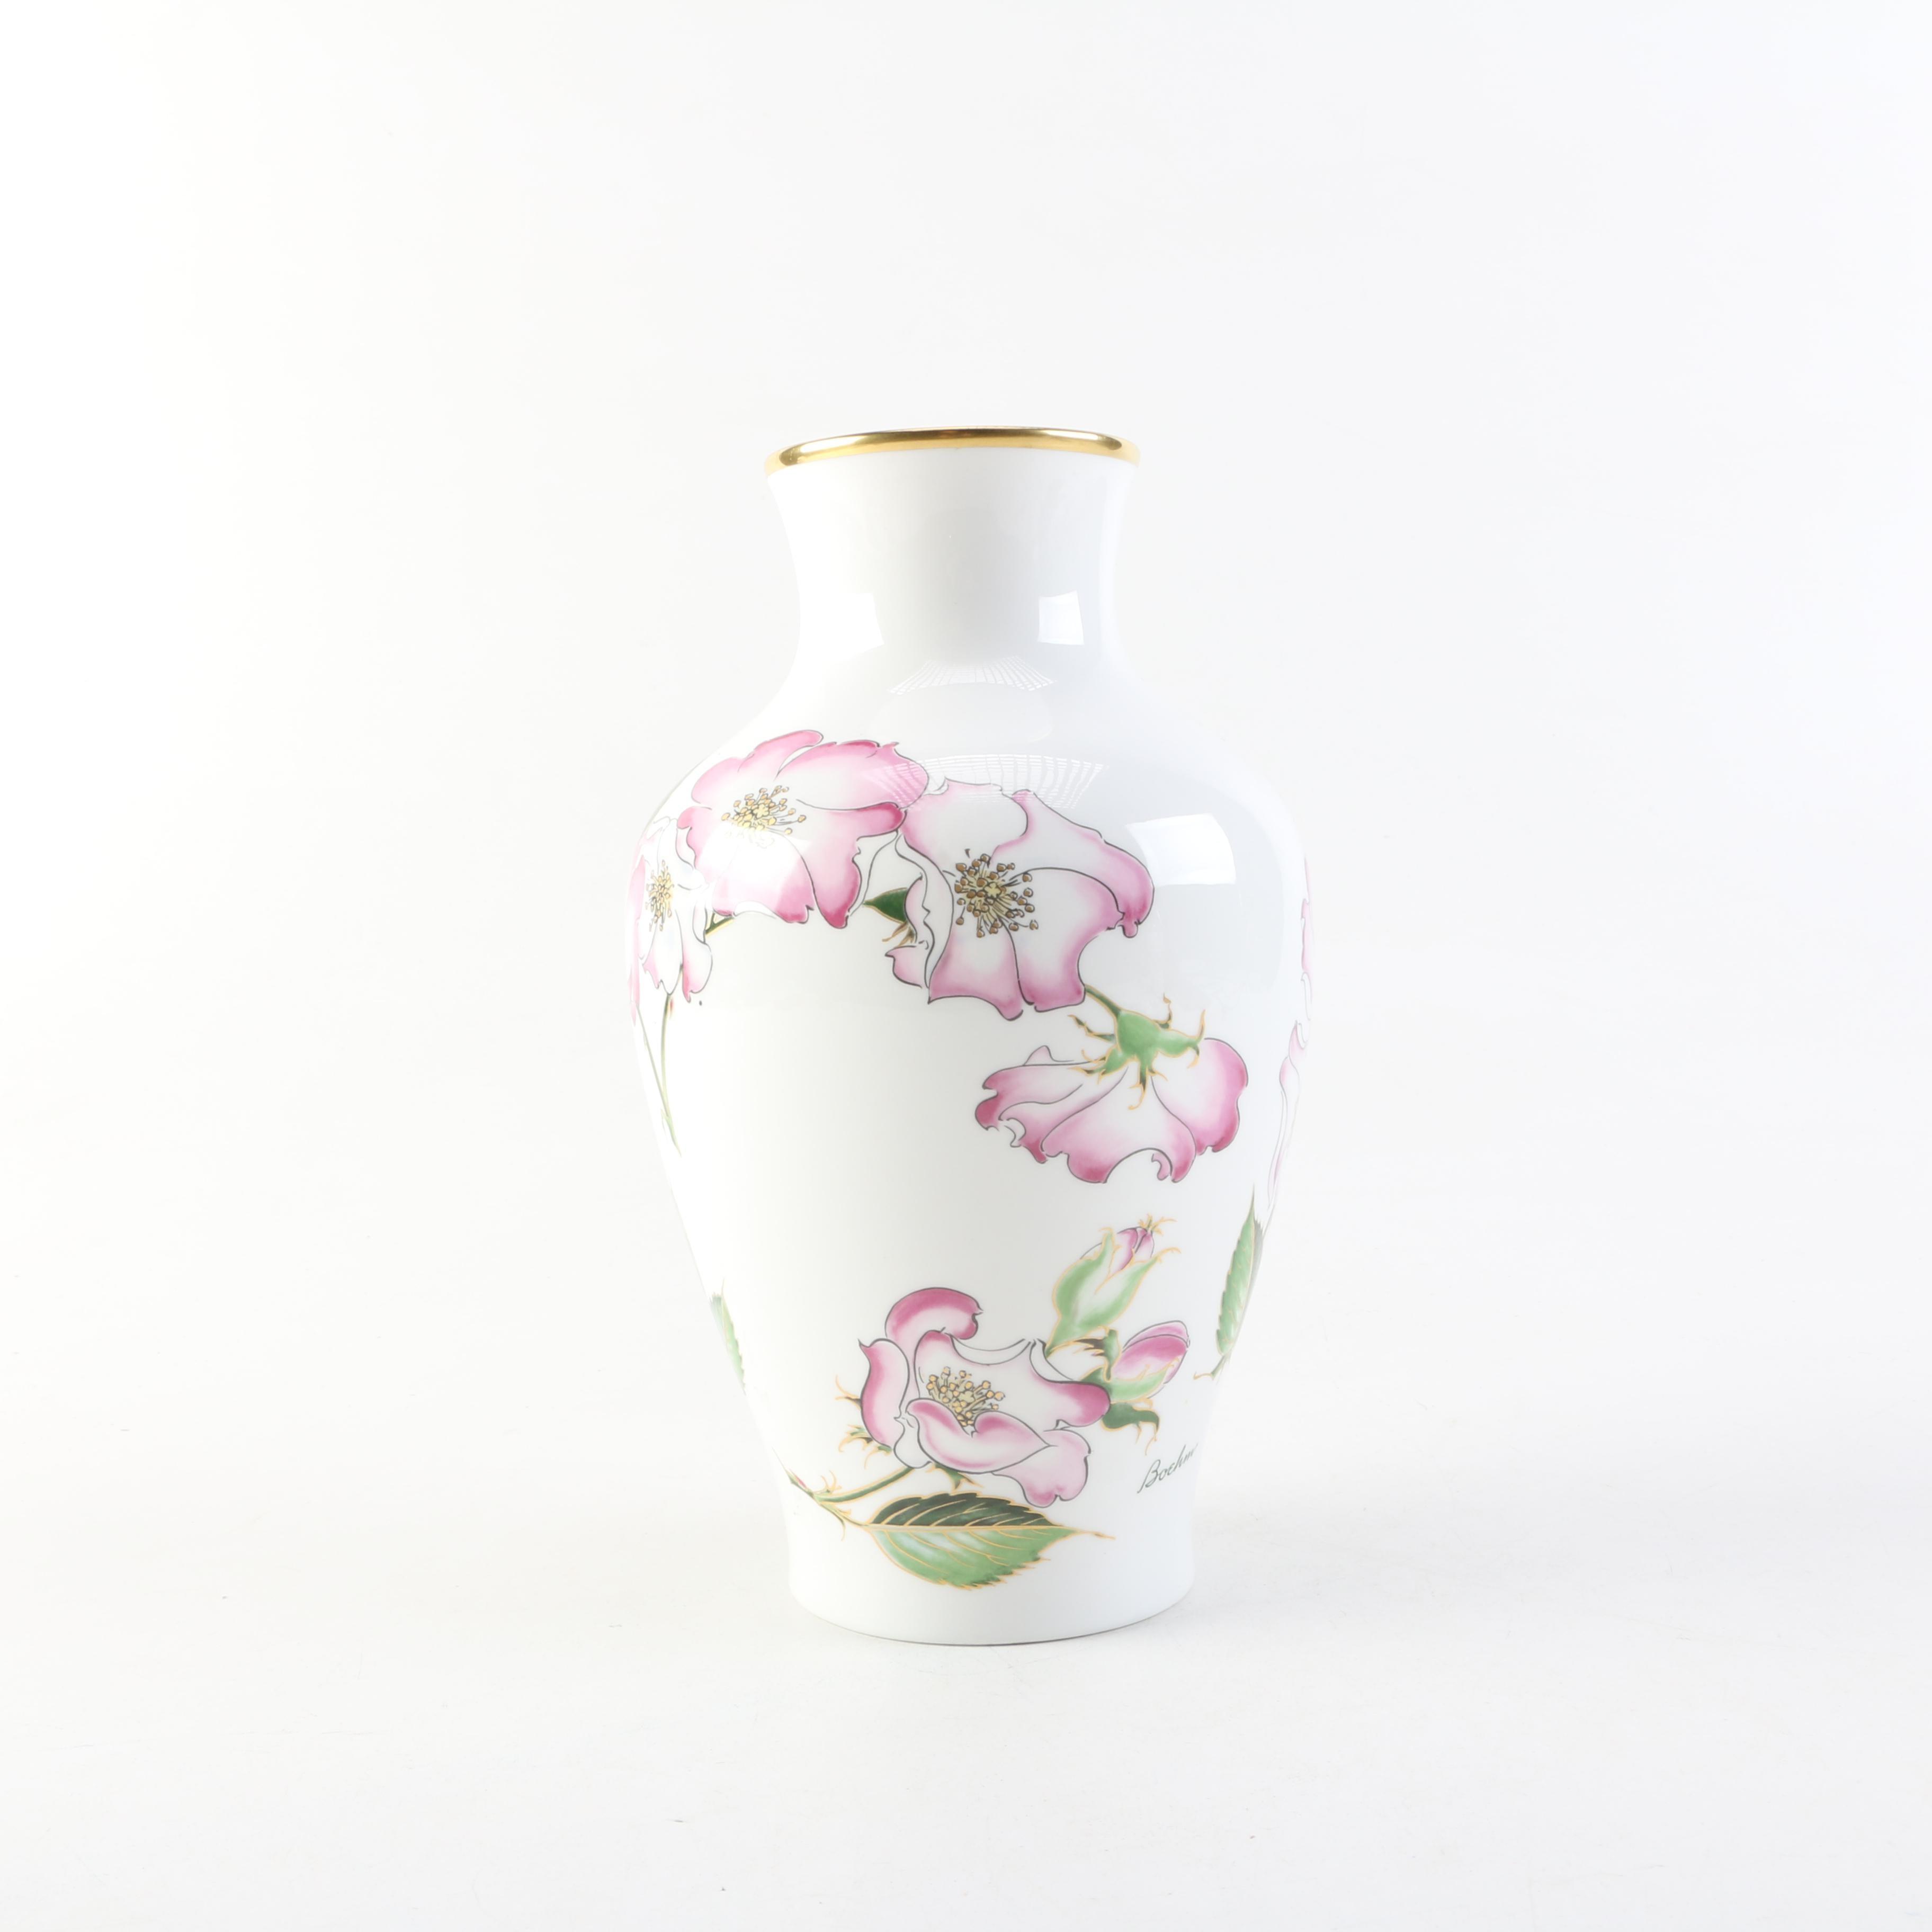 """Hand-Painted Porcelain """"Ballerina Rose"""" Boehm Floral Vase"""